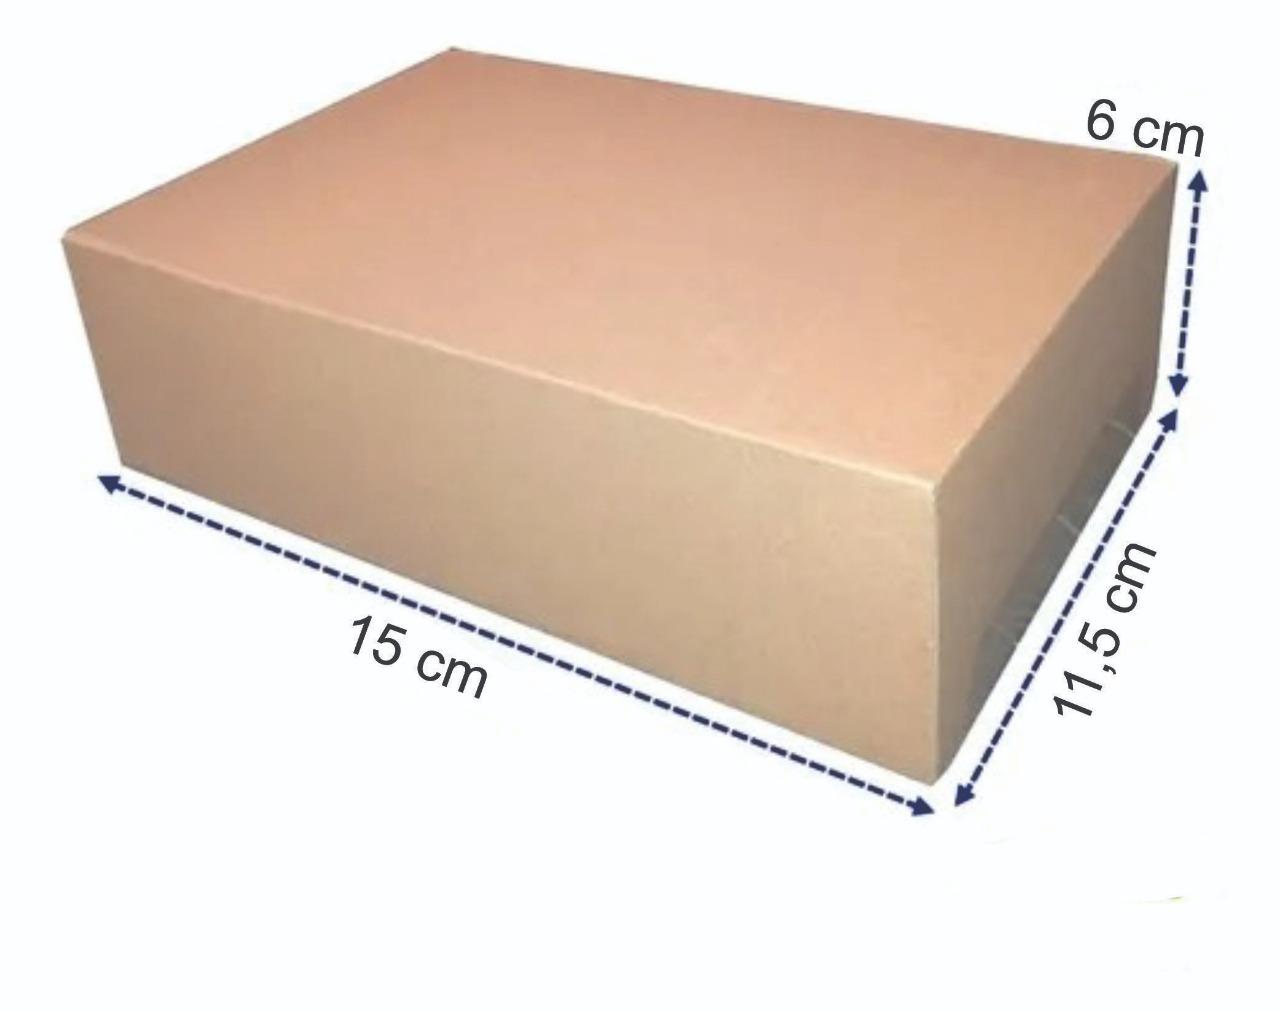 Caixa de Papelão 15 x 11,5 x 6cm